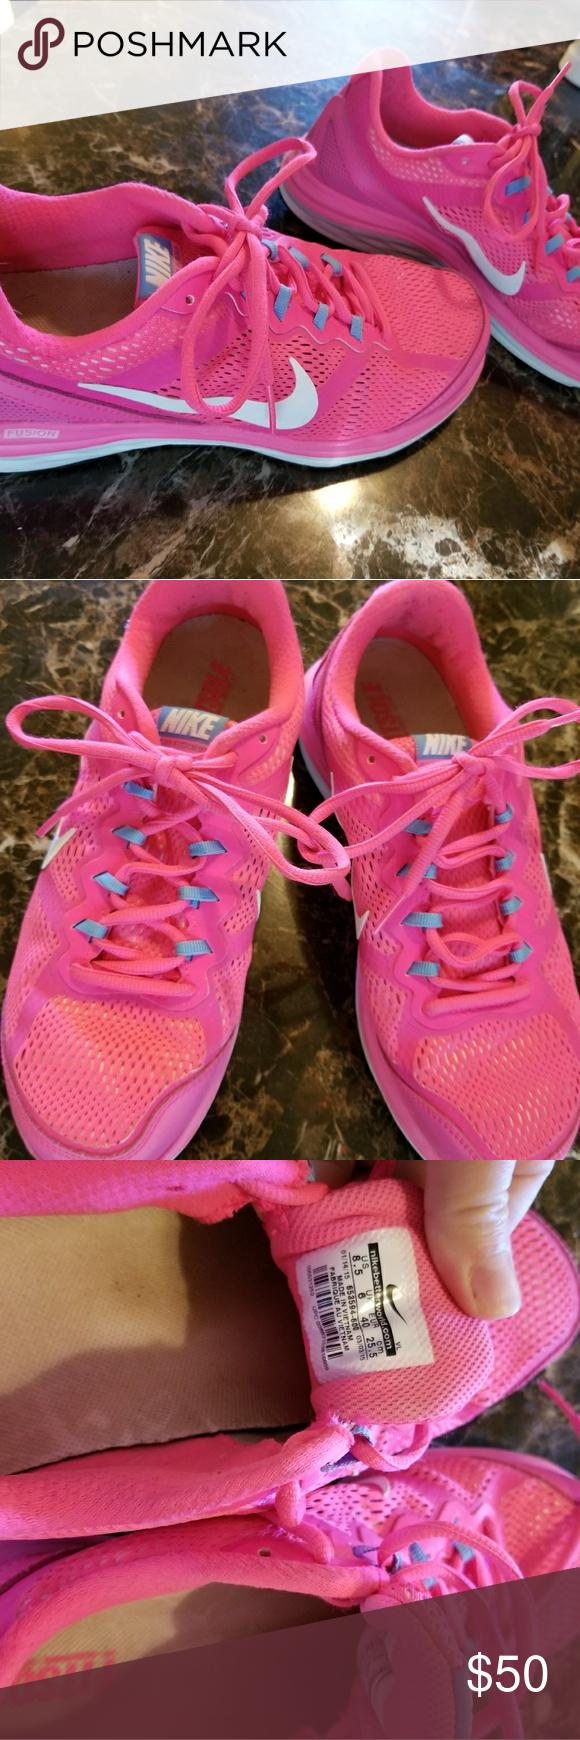 nike donna doppia fusione run 2 scarpa da corsa, le scarpe rosa, atletica